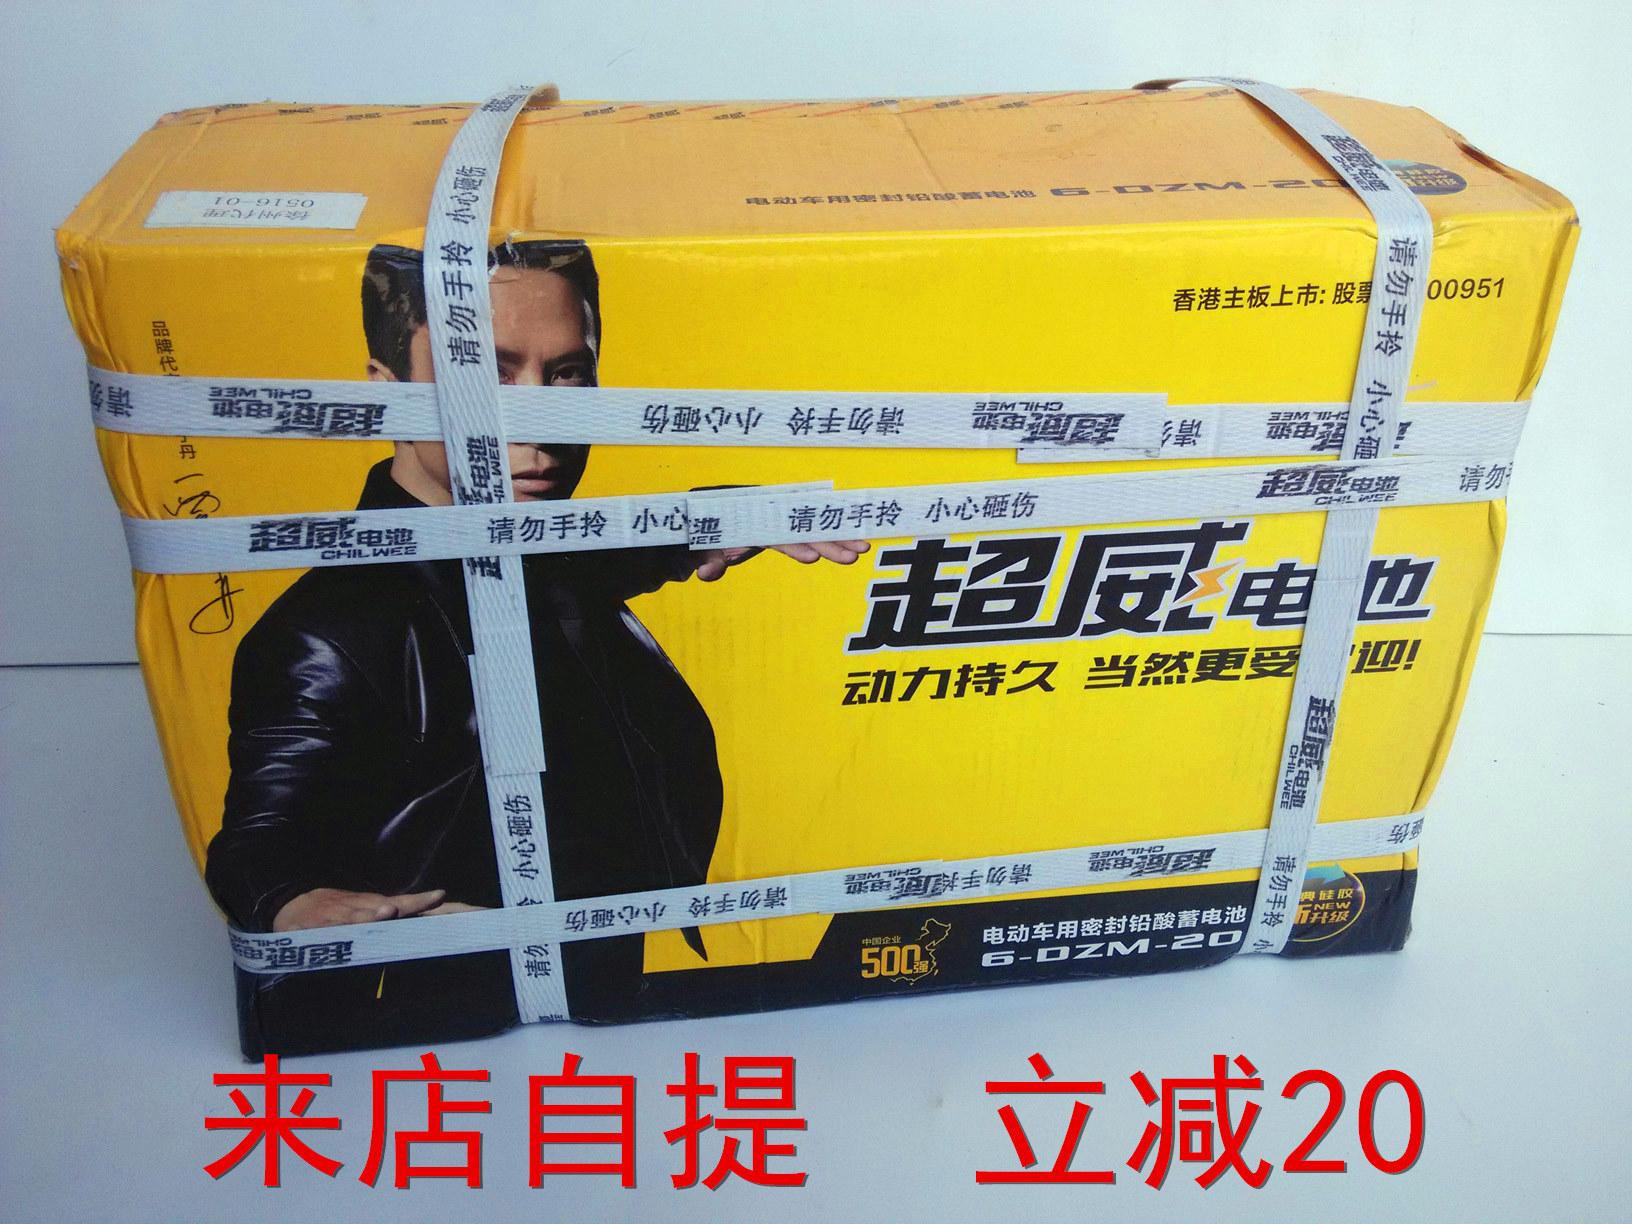 新日雅迪爱玛世纪鸟超威电动车三轮车电池48V20ah电瓶6-DZM-20